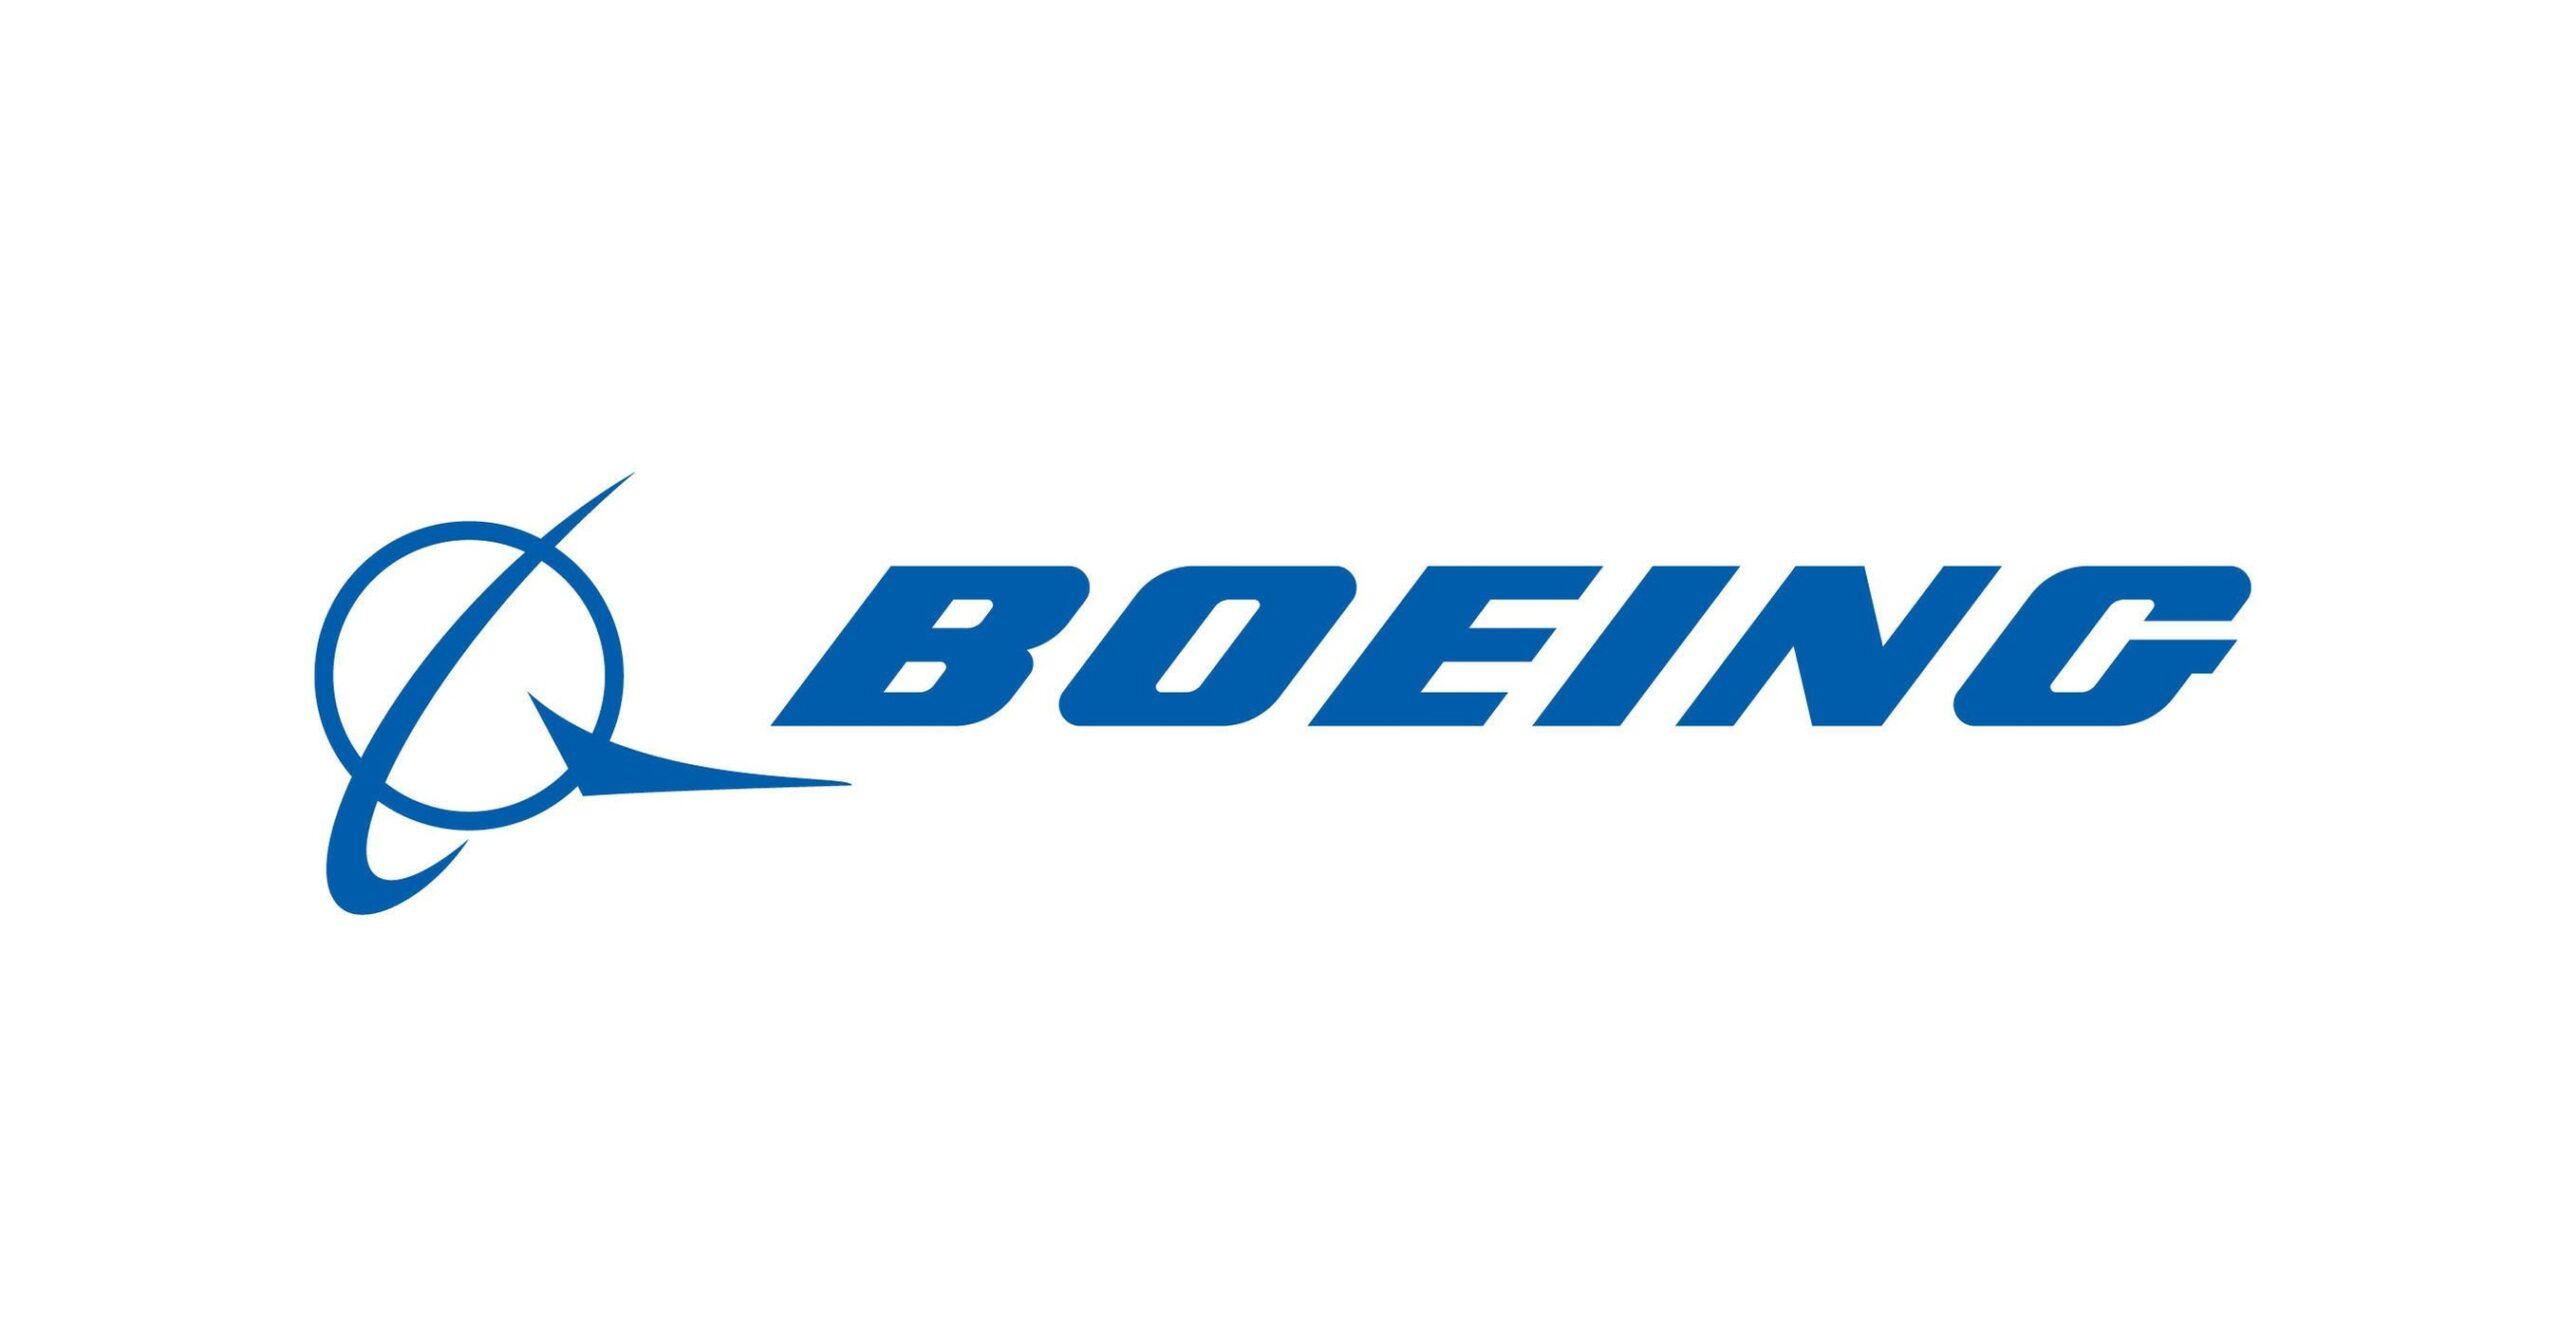 Boeing (PRNewsfoto/Boeing)